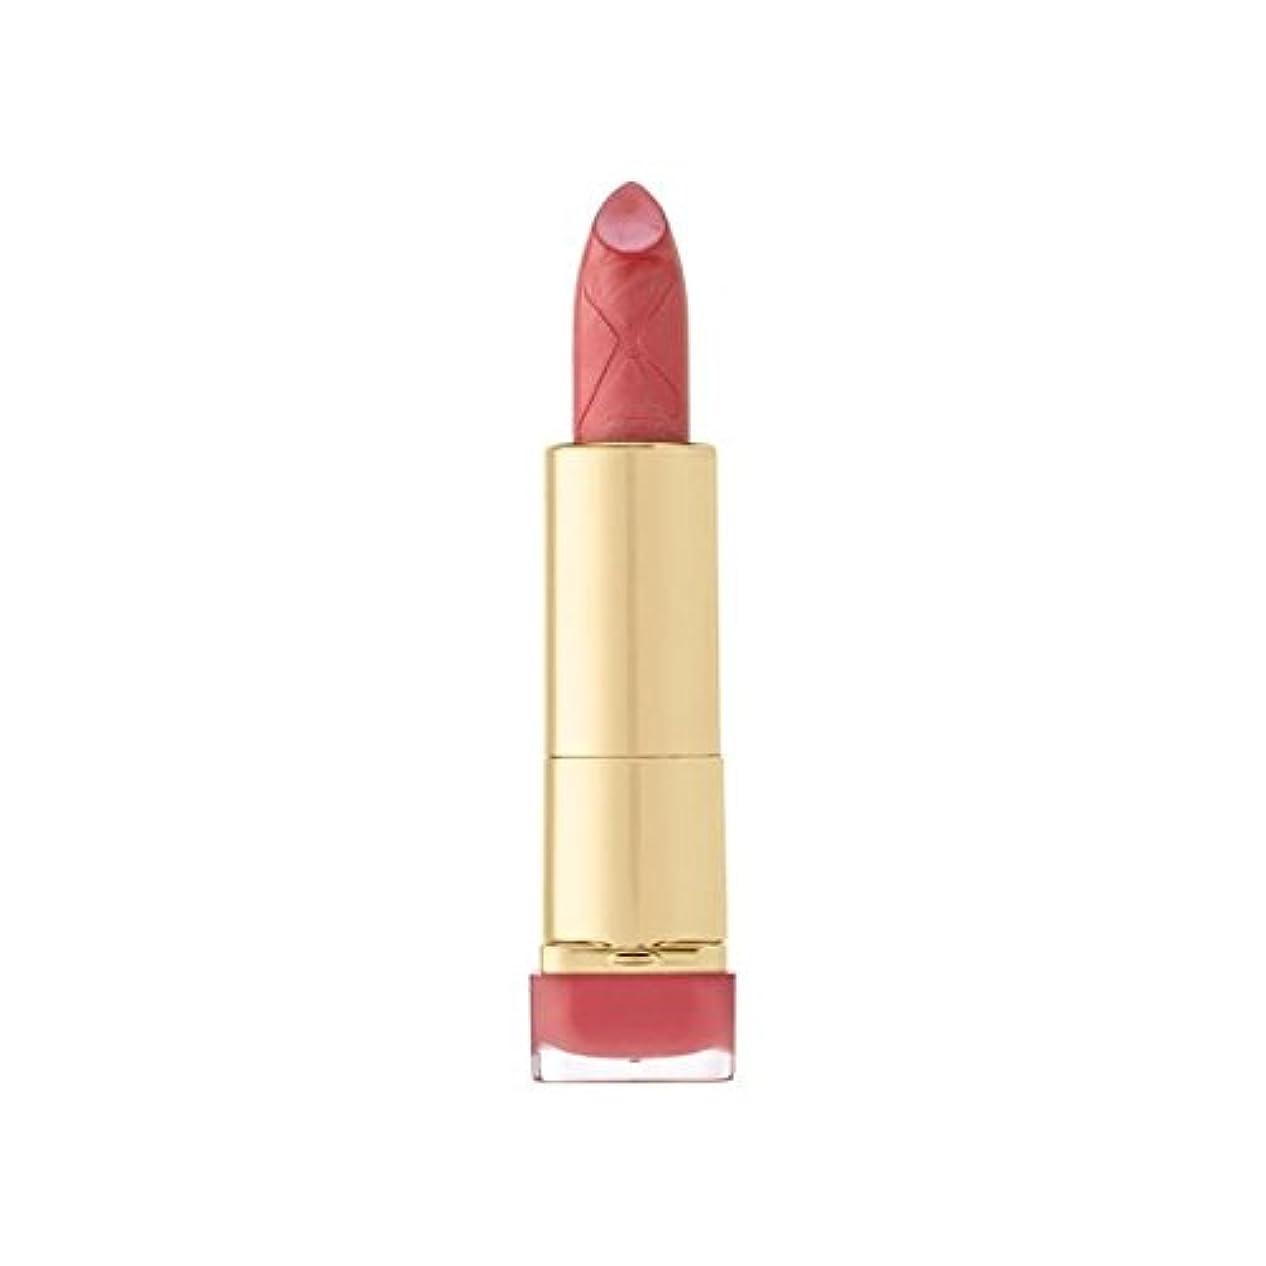 秘密の広い是正Max Factor Colour Elixir Lipstick English Rose 510 (Pack of 6) - マックスファクターカラーエリキシル口紅英語は510をバラ x6 [並行輸入品]